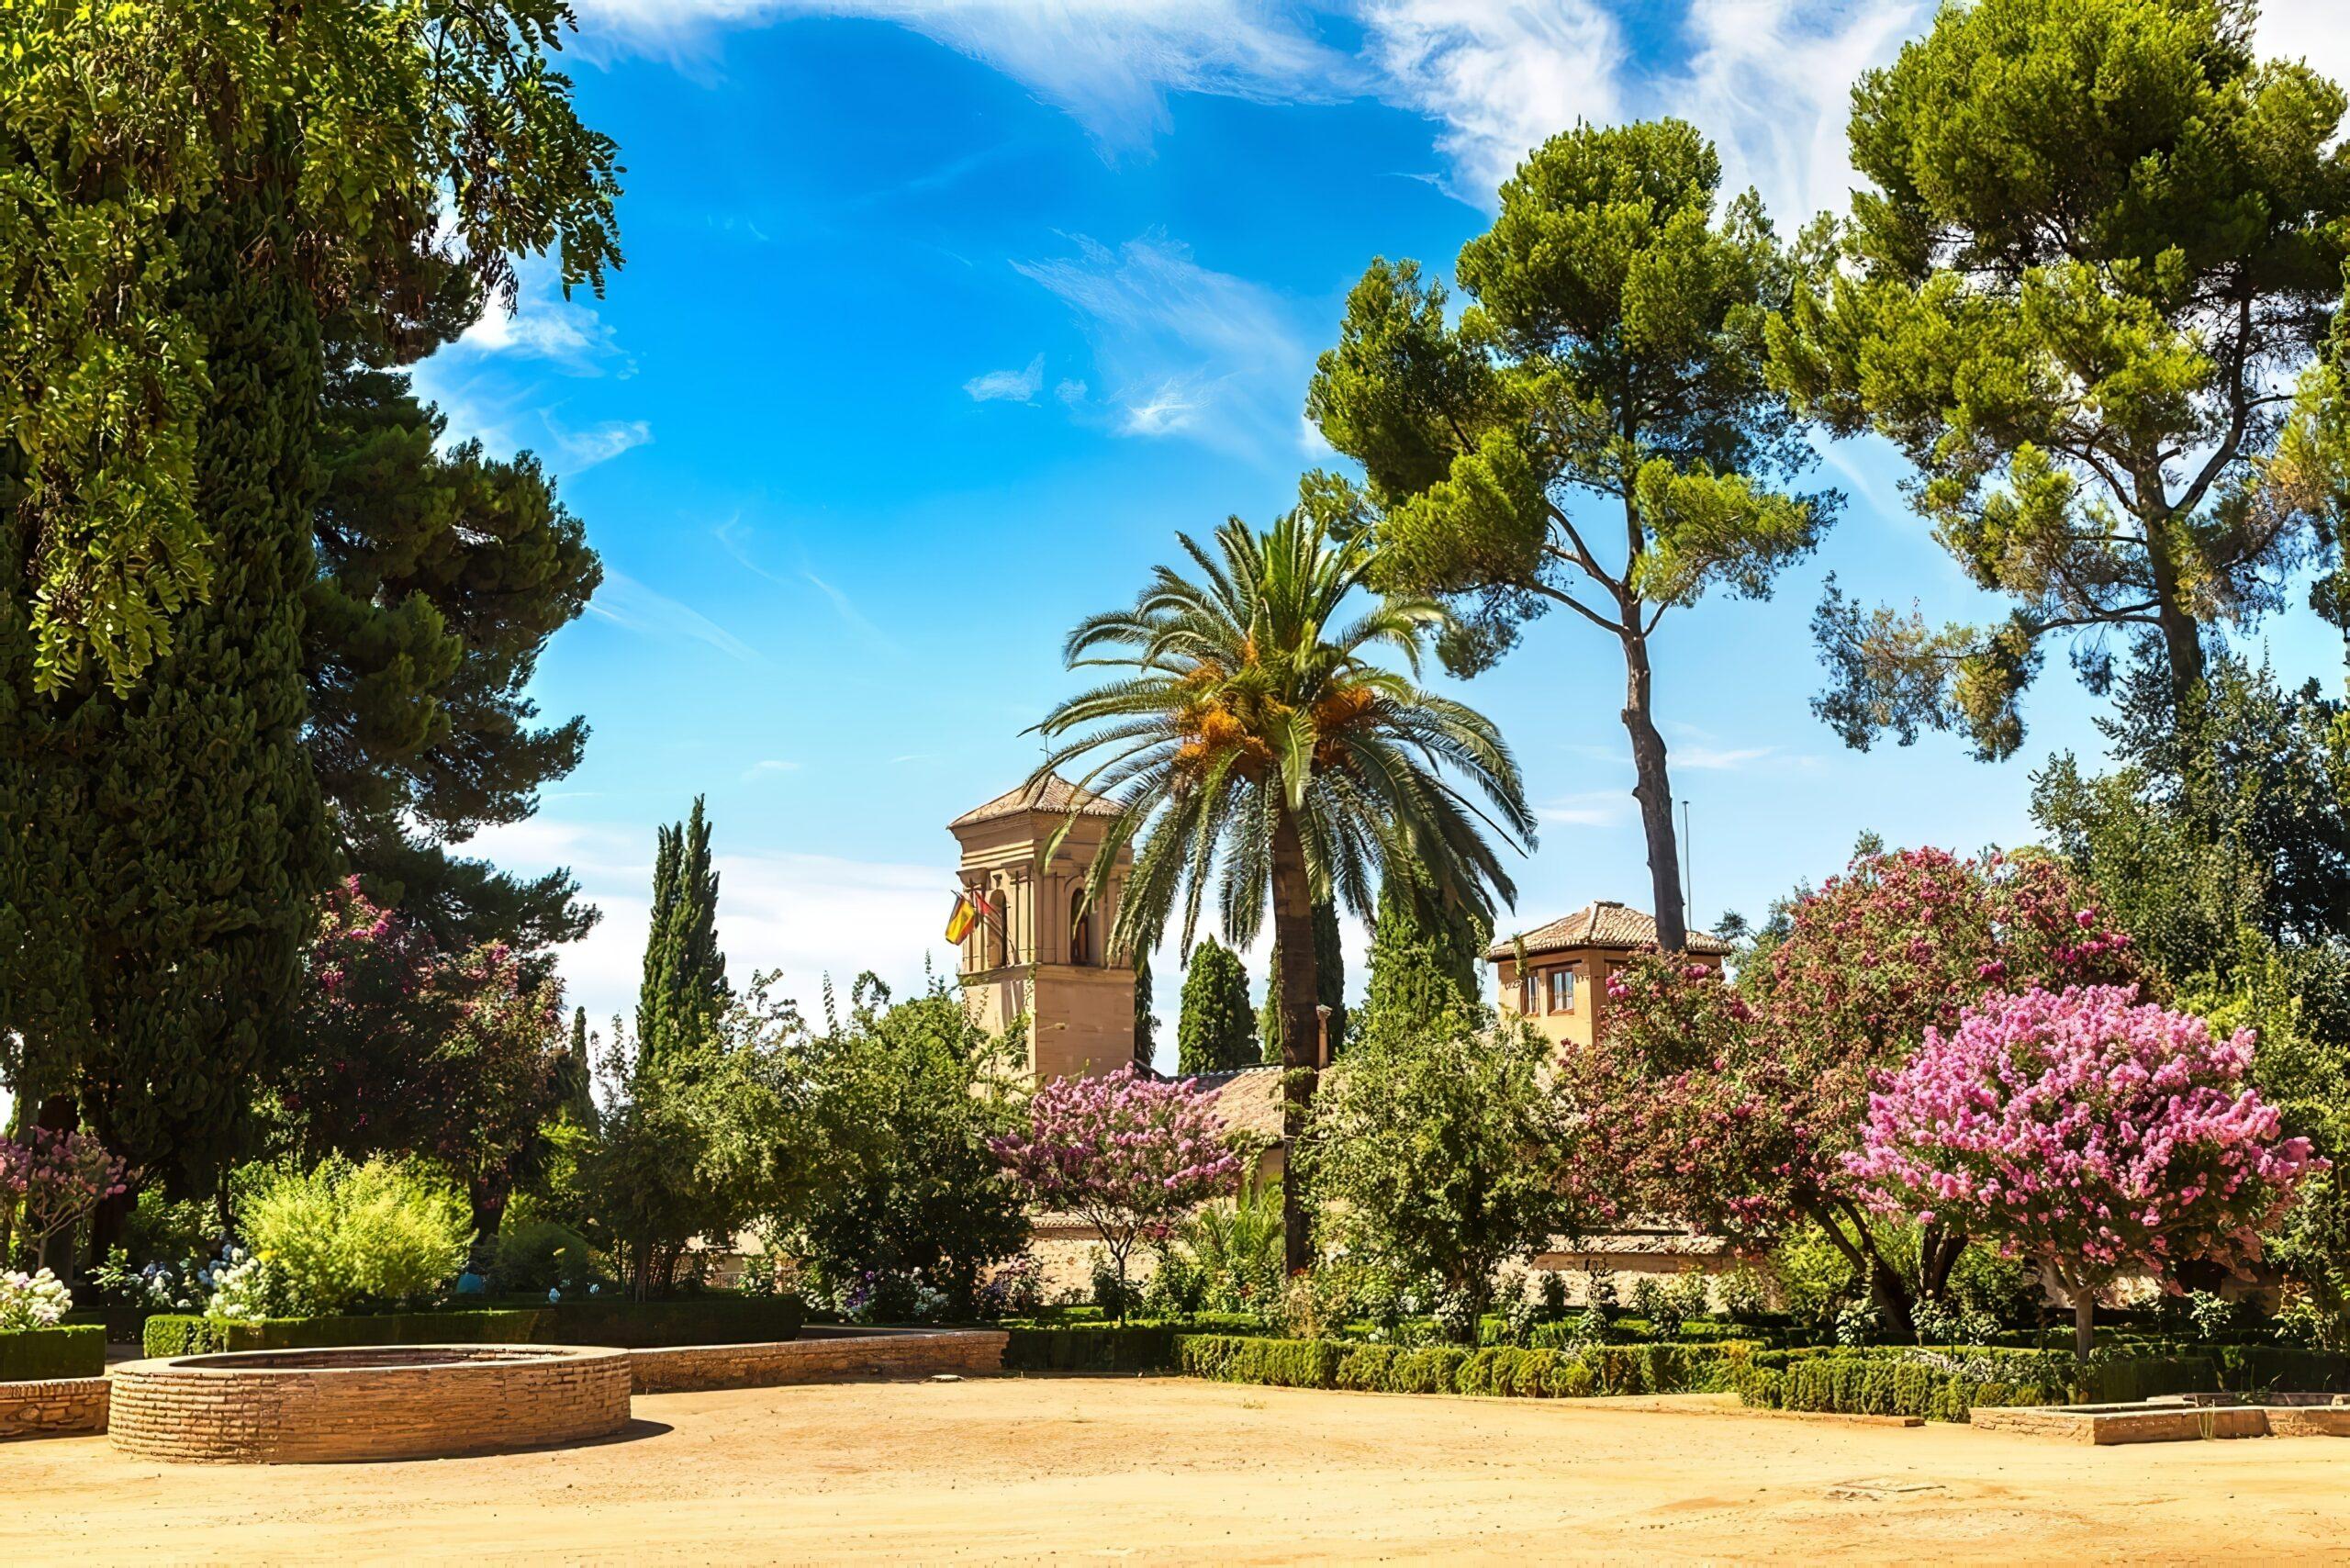 Les 26 plus beaux jardins d'Europe